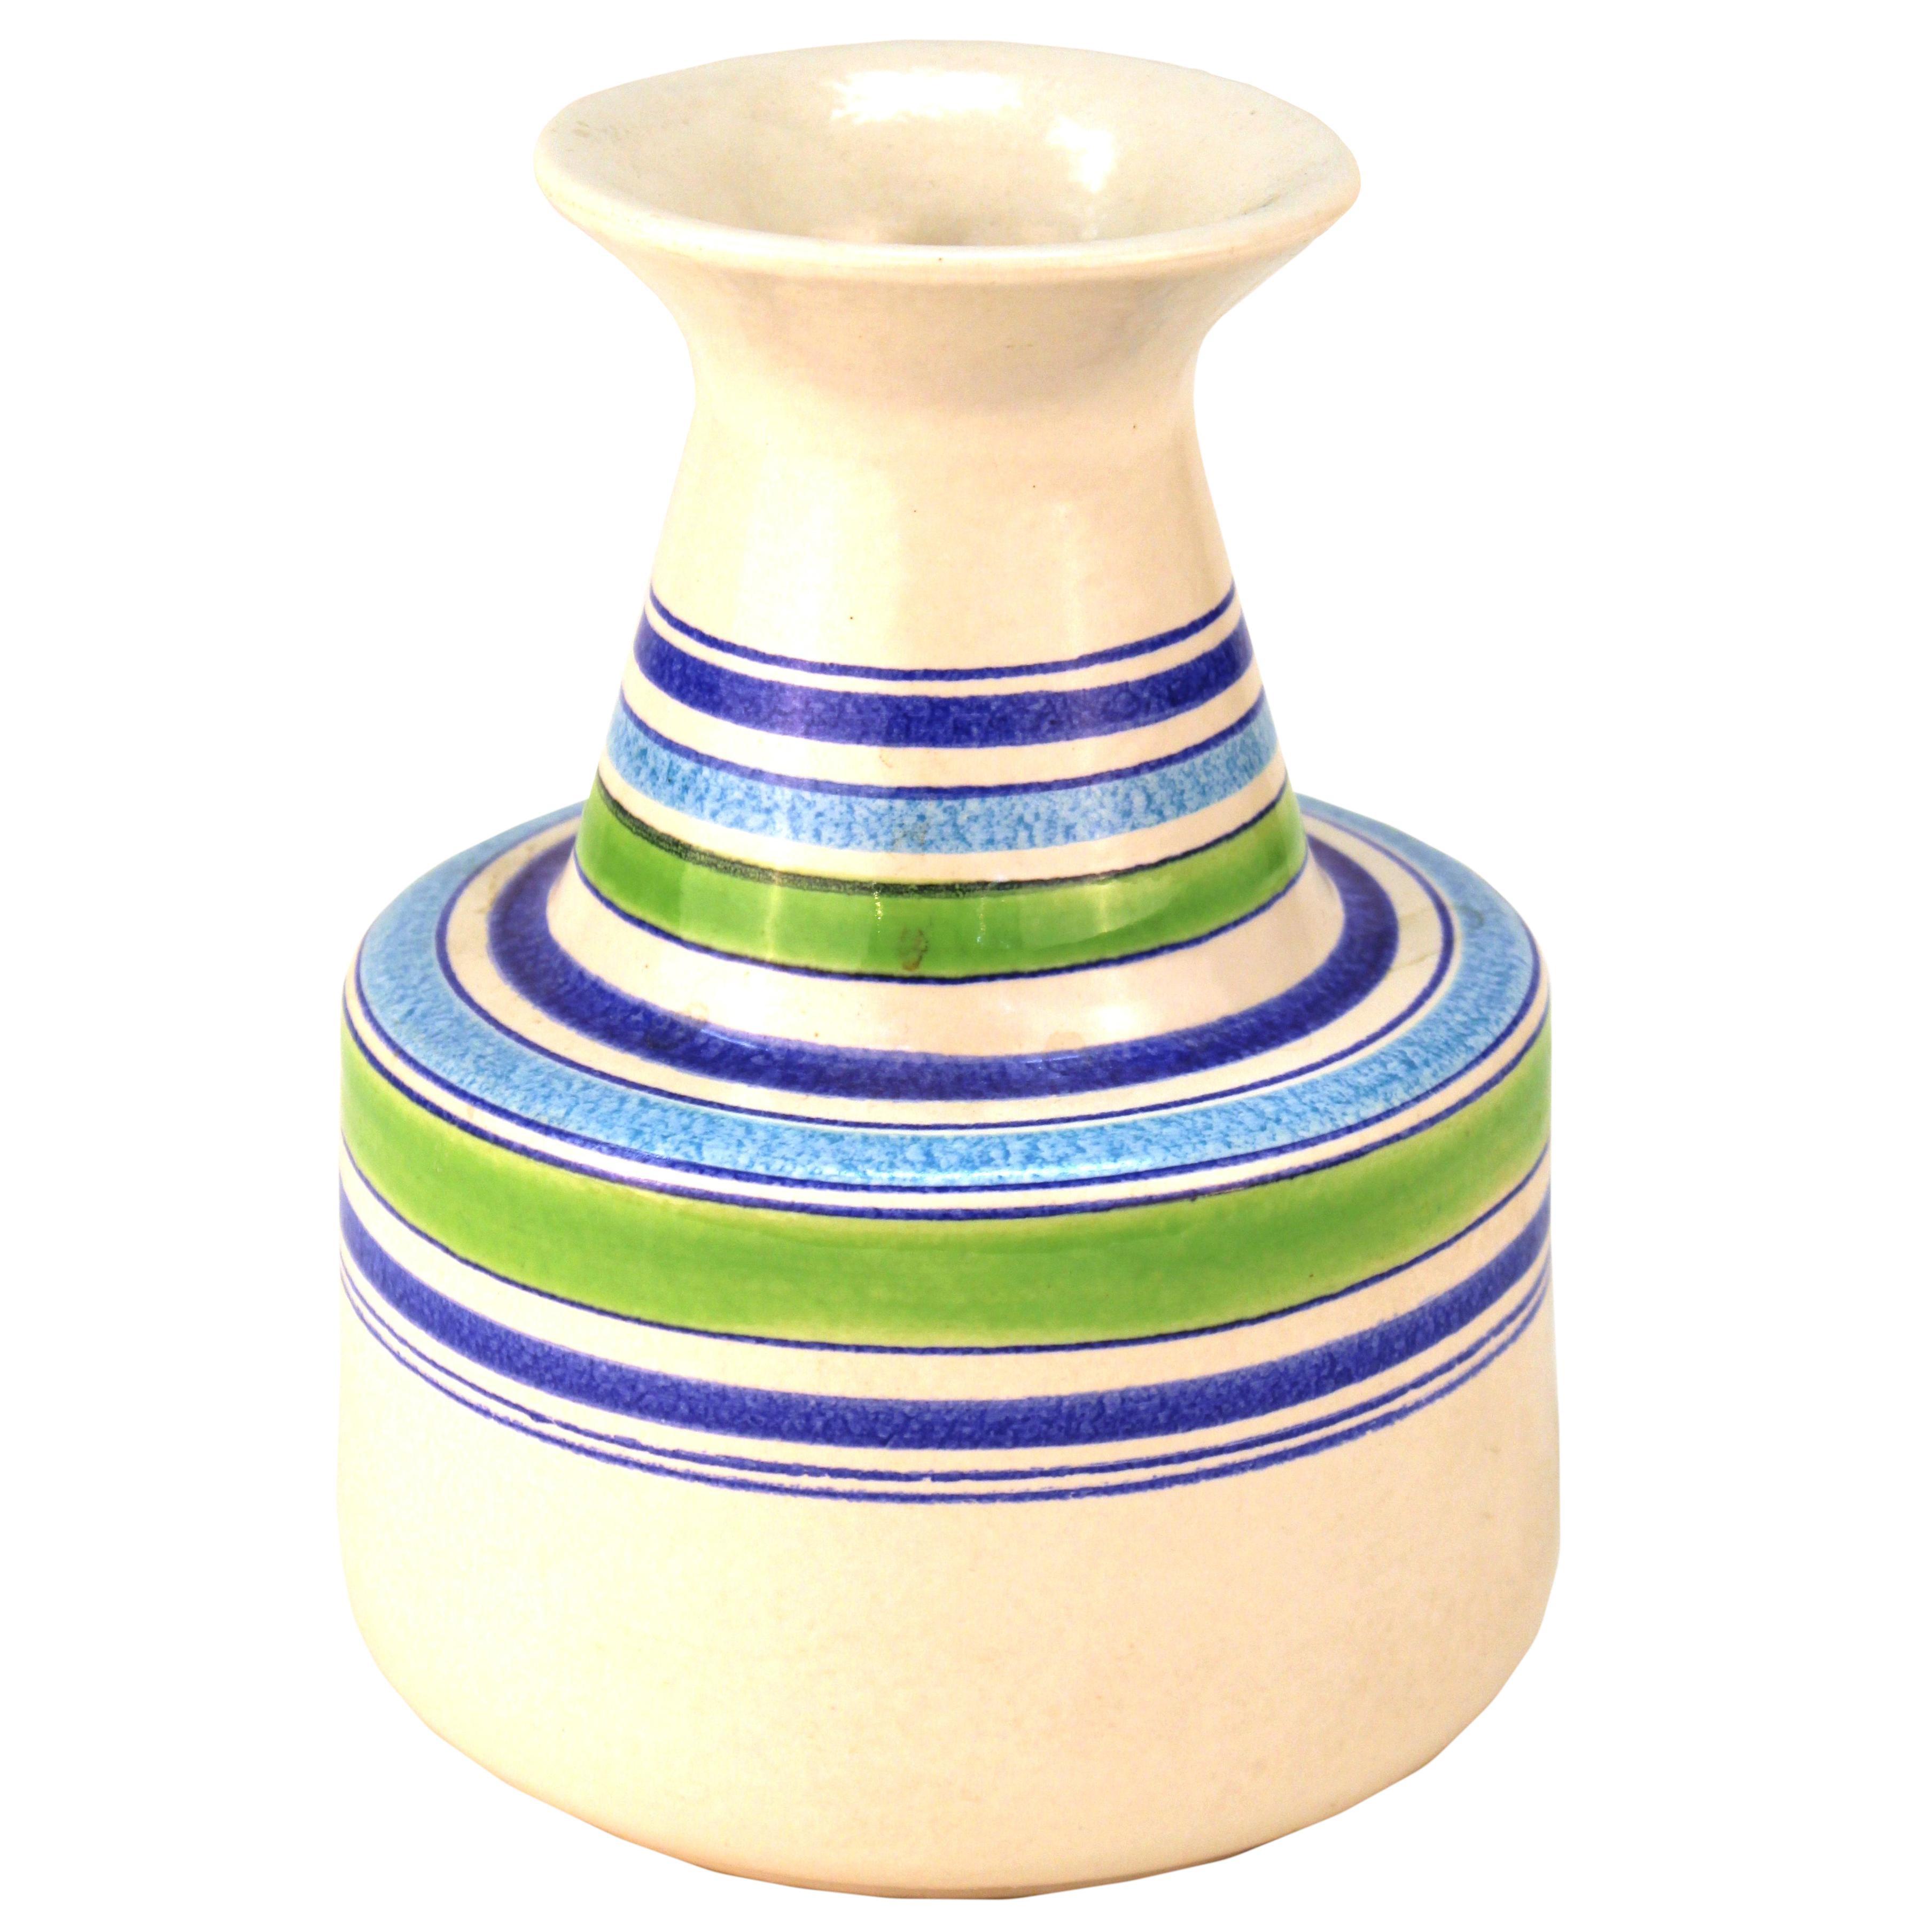 Modern White Ceramic Vase Of Aldo Londi Mid Century Modern Raymor for Bitossi Rosenthal Netter within Aldo Londi Mid Century Modern Raymor for Bitossi Rosenthal Netter Ceramic Vase for Sale at 1stdibs